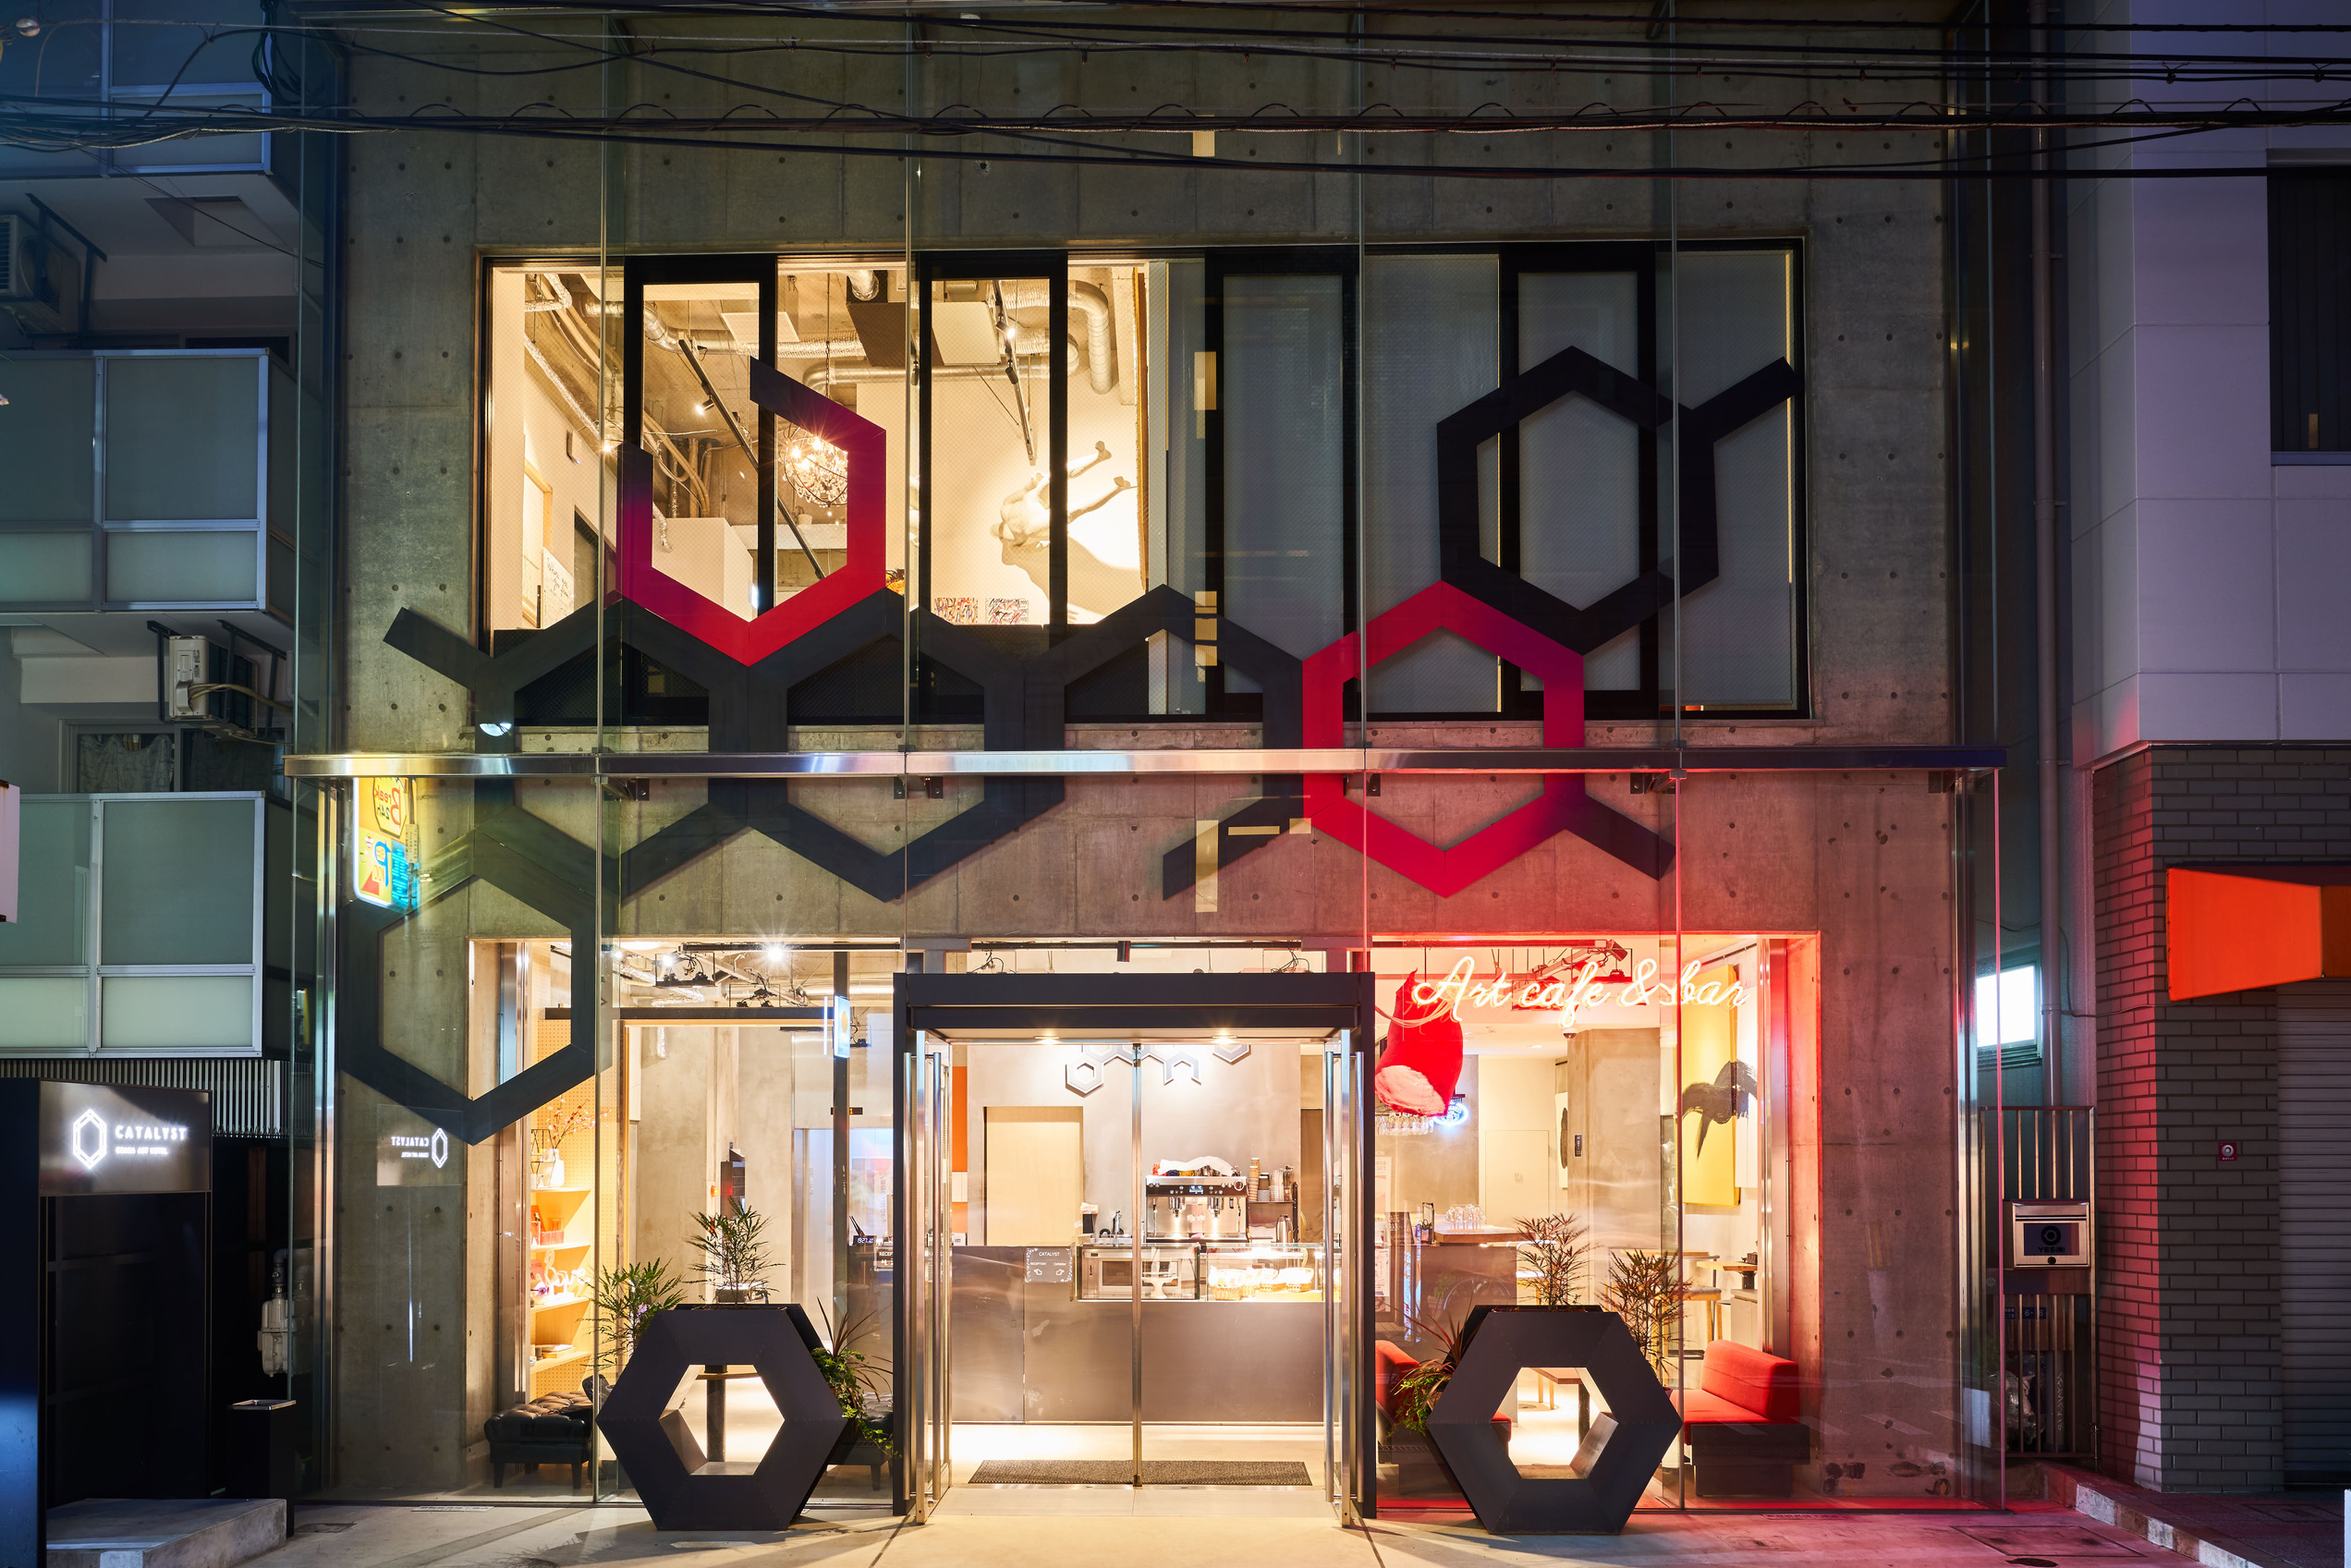 RakutenSTAYHOSTEL Art cafe&bar OSAKA Shinsaibashi